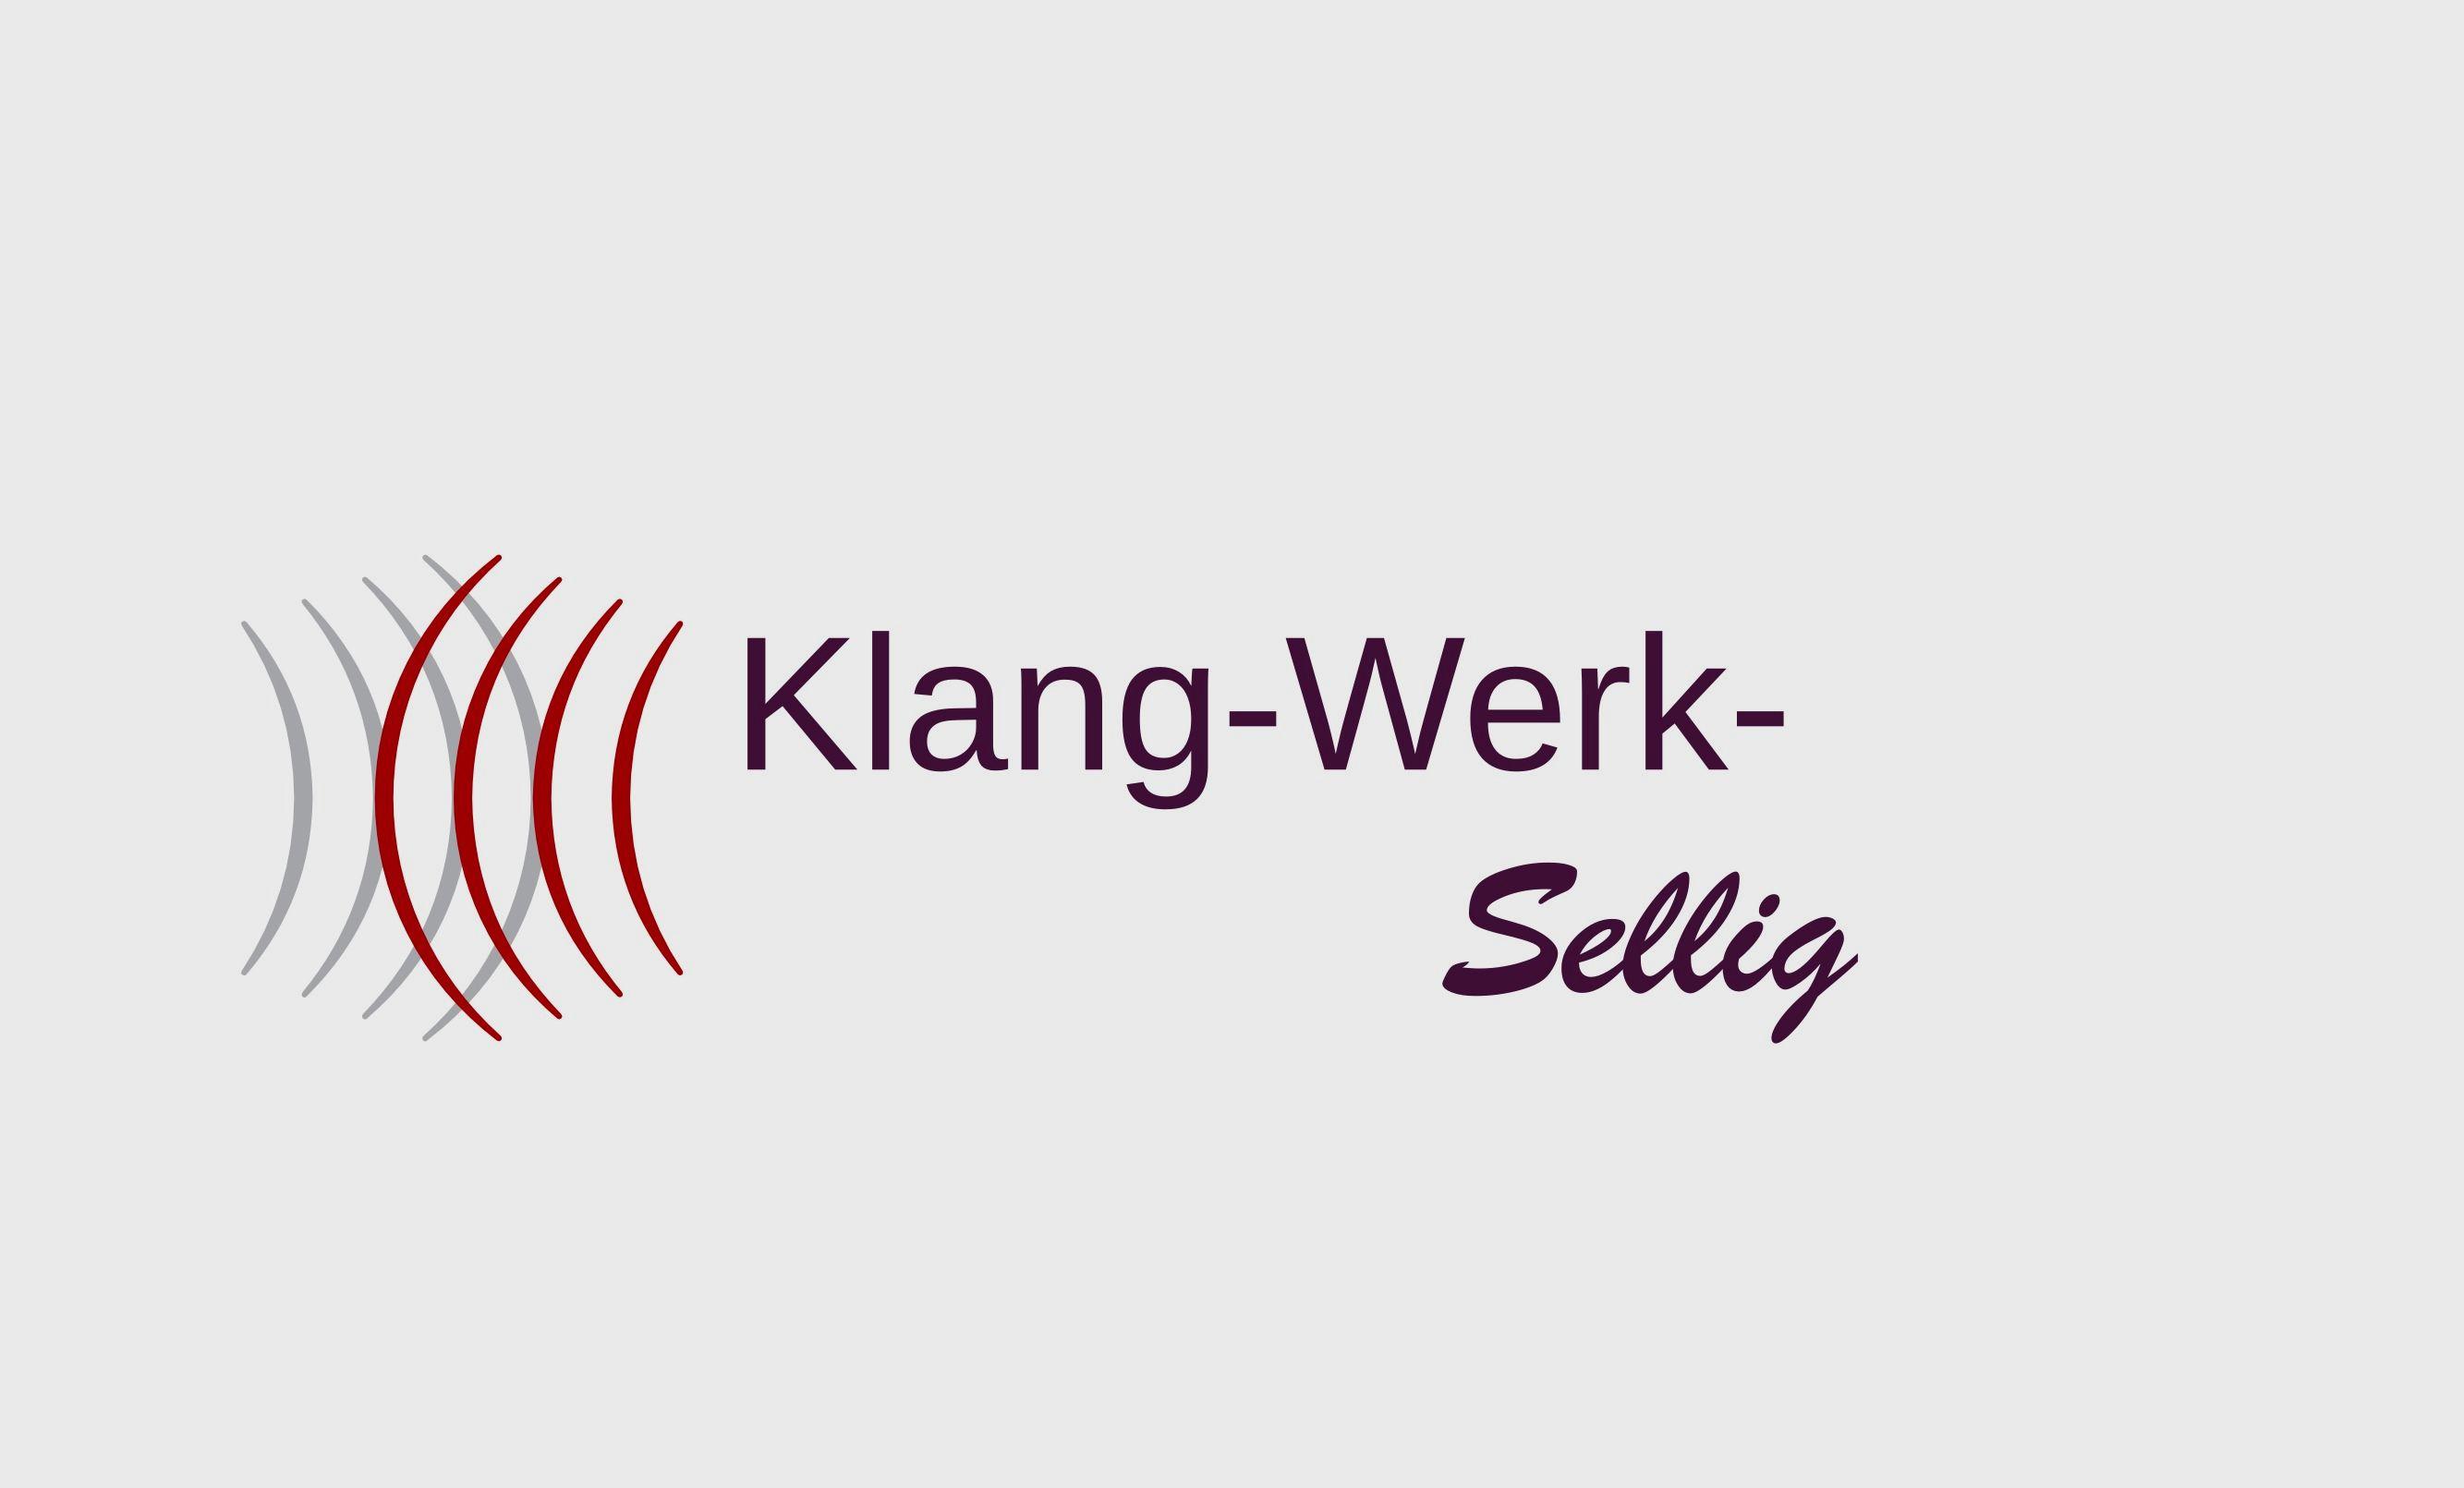 Klang-Werk-Sellig